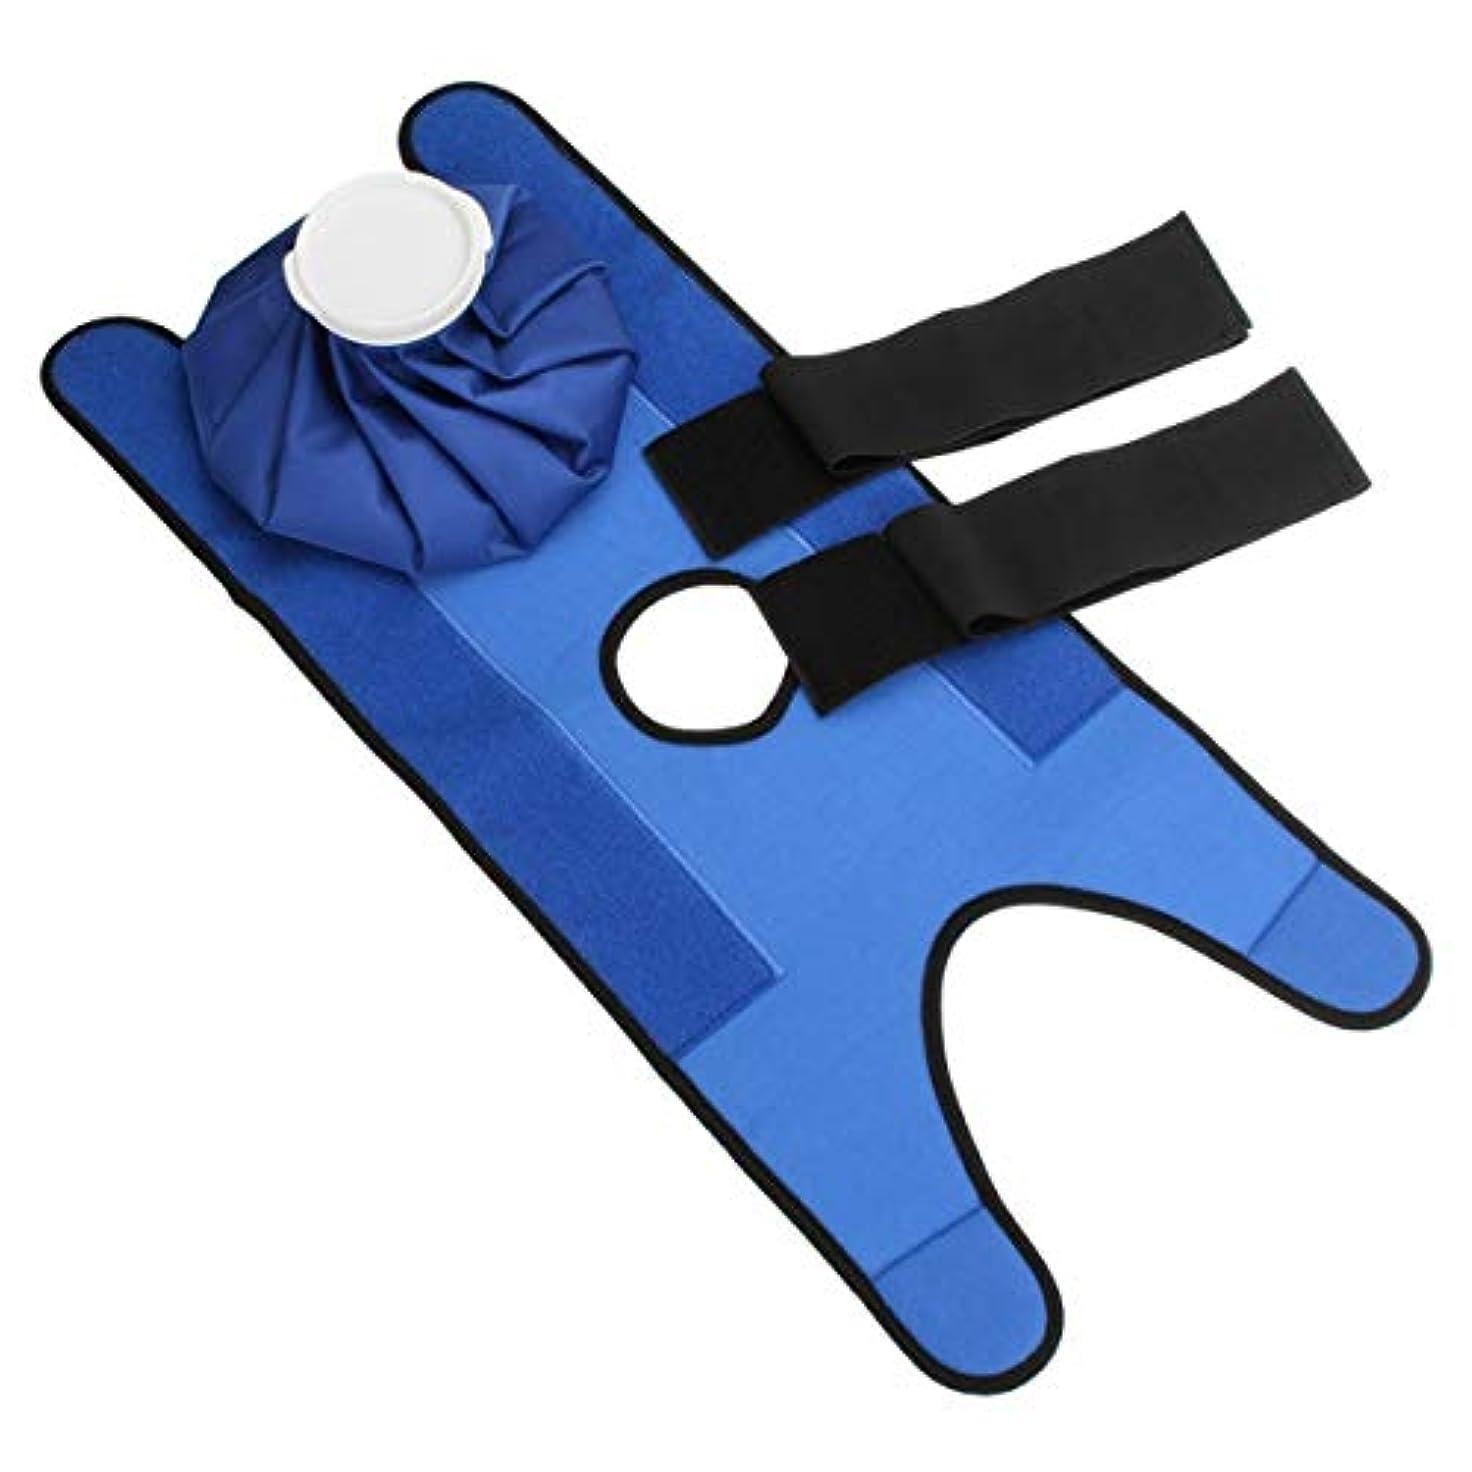 非アクティブ反応する利得Blackfell 小型サイズの再使用可能なヘルスケアの膝の頭部の足の筋肉スポーツ傷害の軽減の痛みのアイスバッグ包帯が付いている無毒なアイスパック